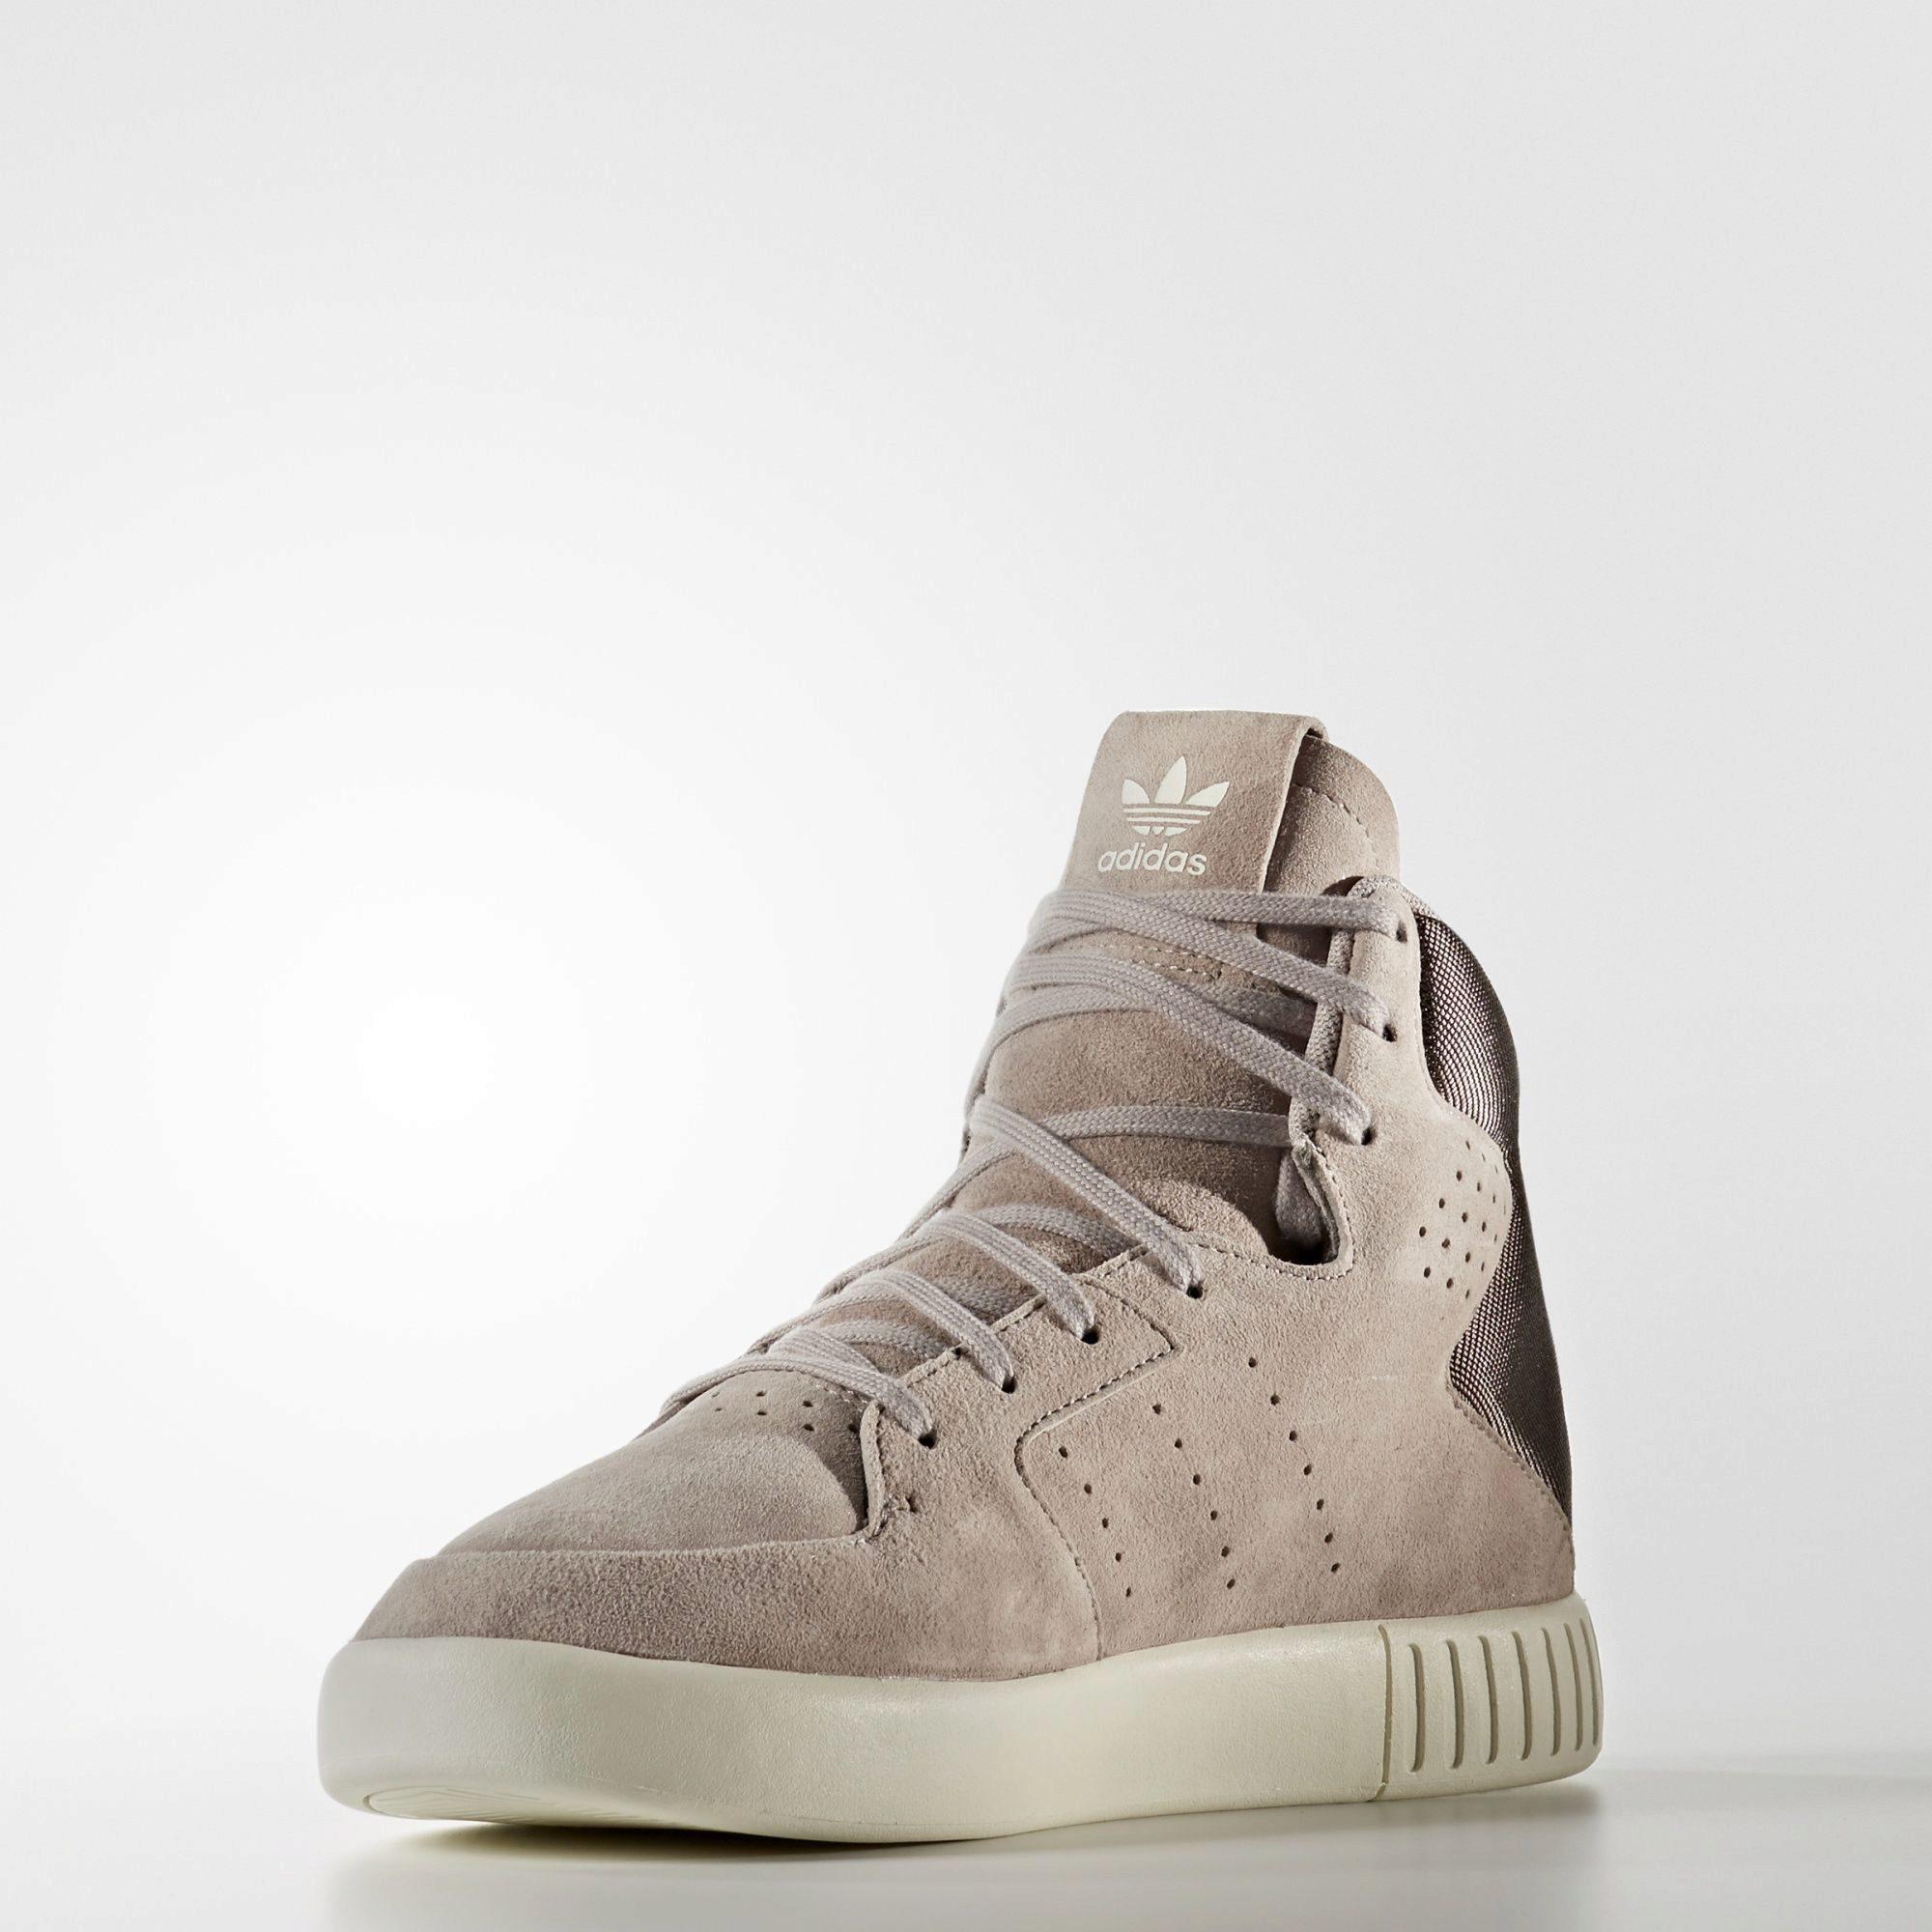 f46701aa Многие покупатели отдают предпочтение именно этому бренду, поскольку кроссовки  Adidas не промокают, отлично пропускают воздух, создавая максимальный  уровень ...